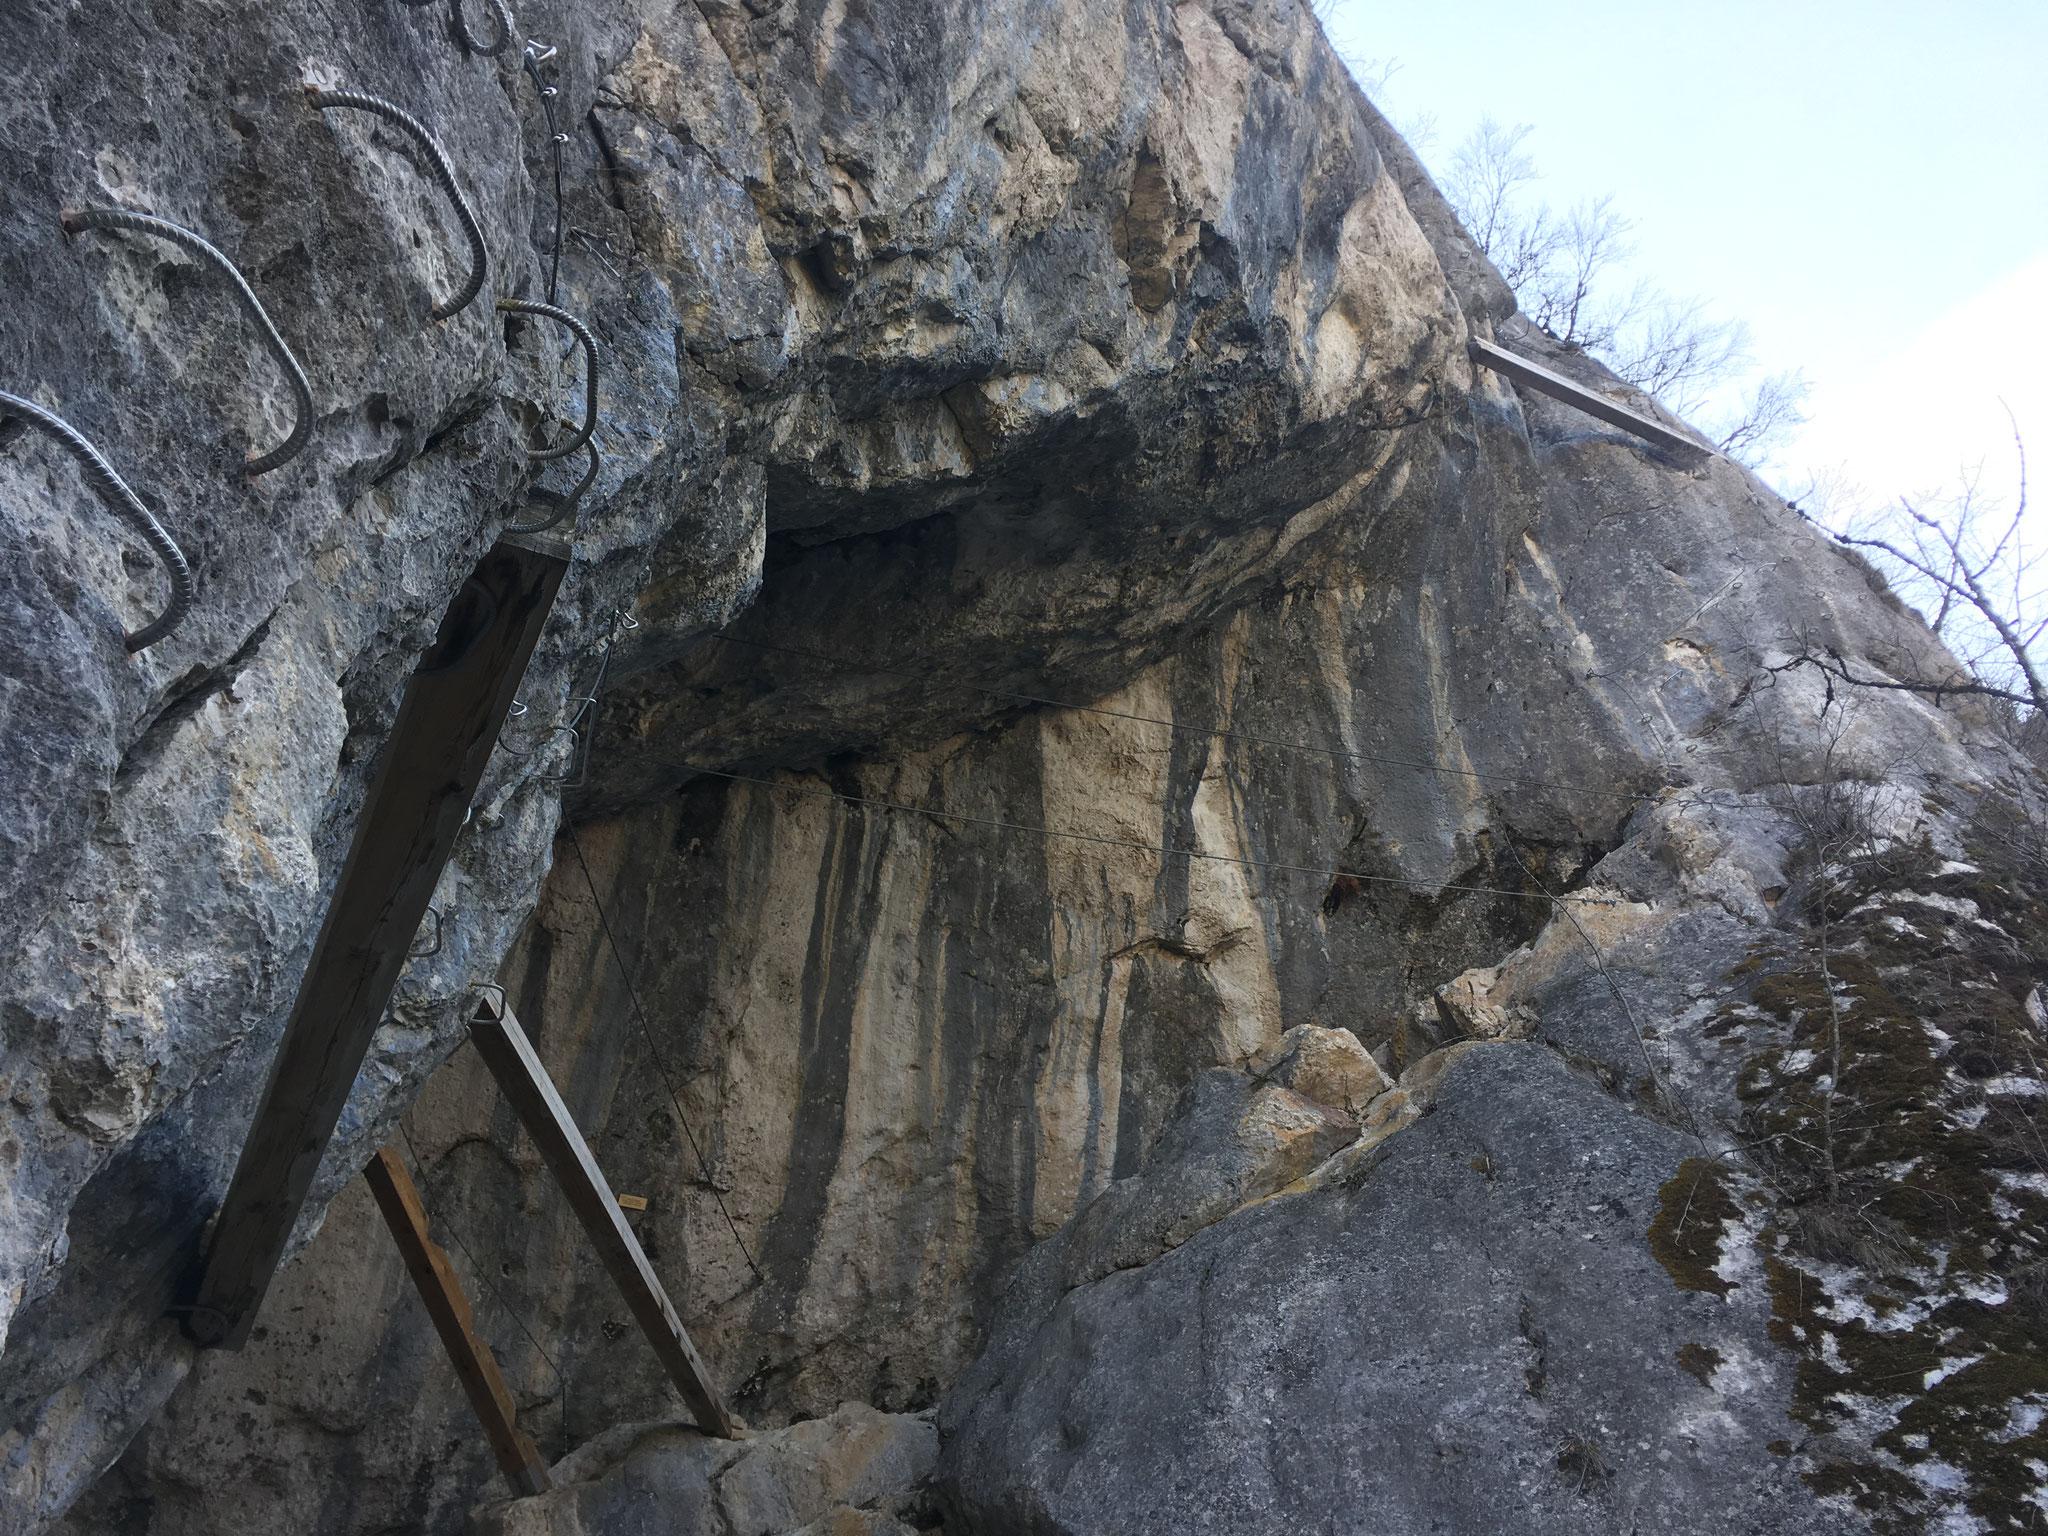 La fameuse Grotte de Cristal, avec des passages physiques et spectaculaires